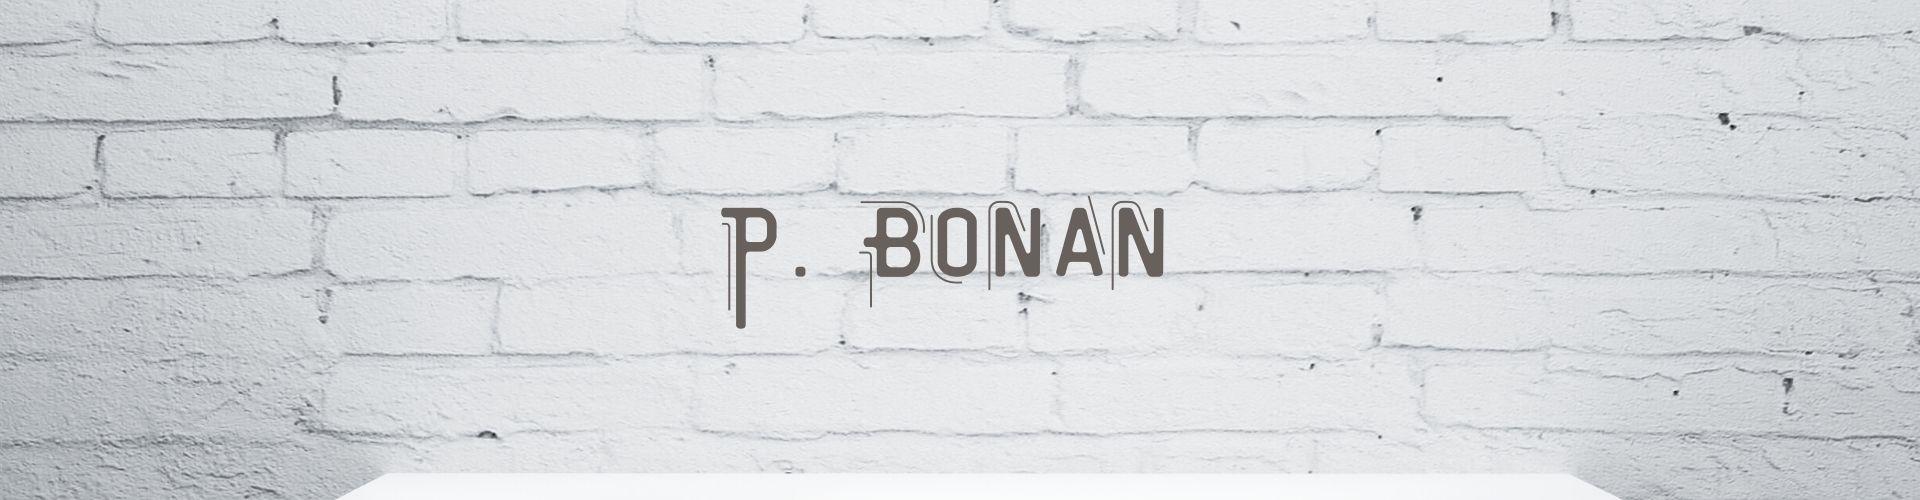 Bonan : Artiste Art Urbain dans galerie d'art en ligne SAO